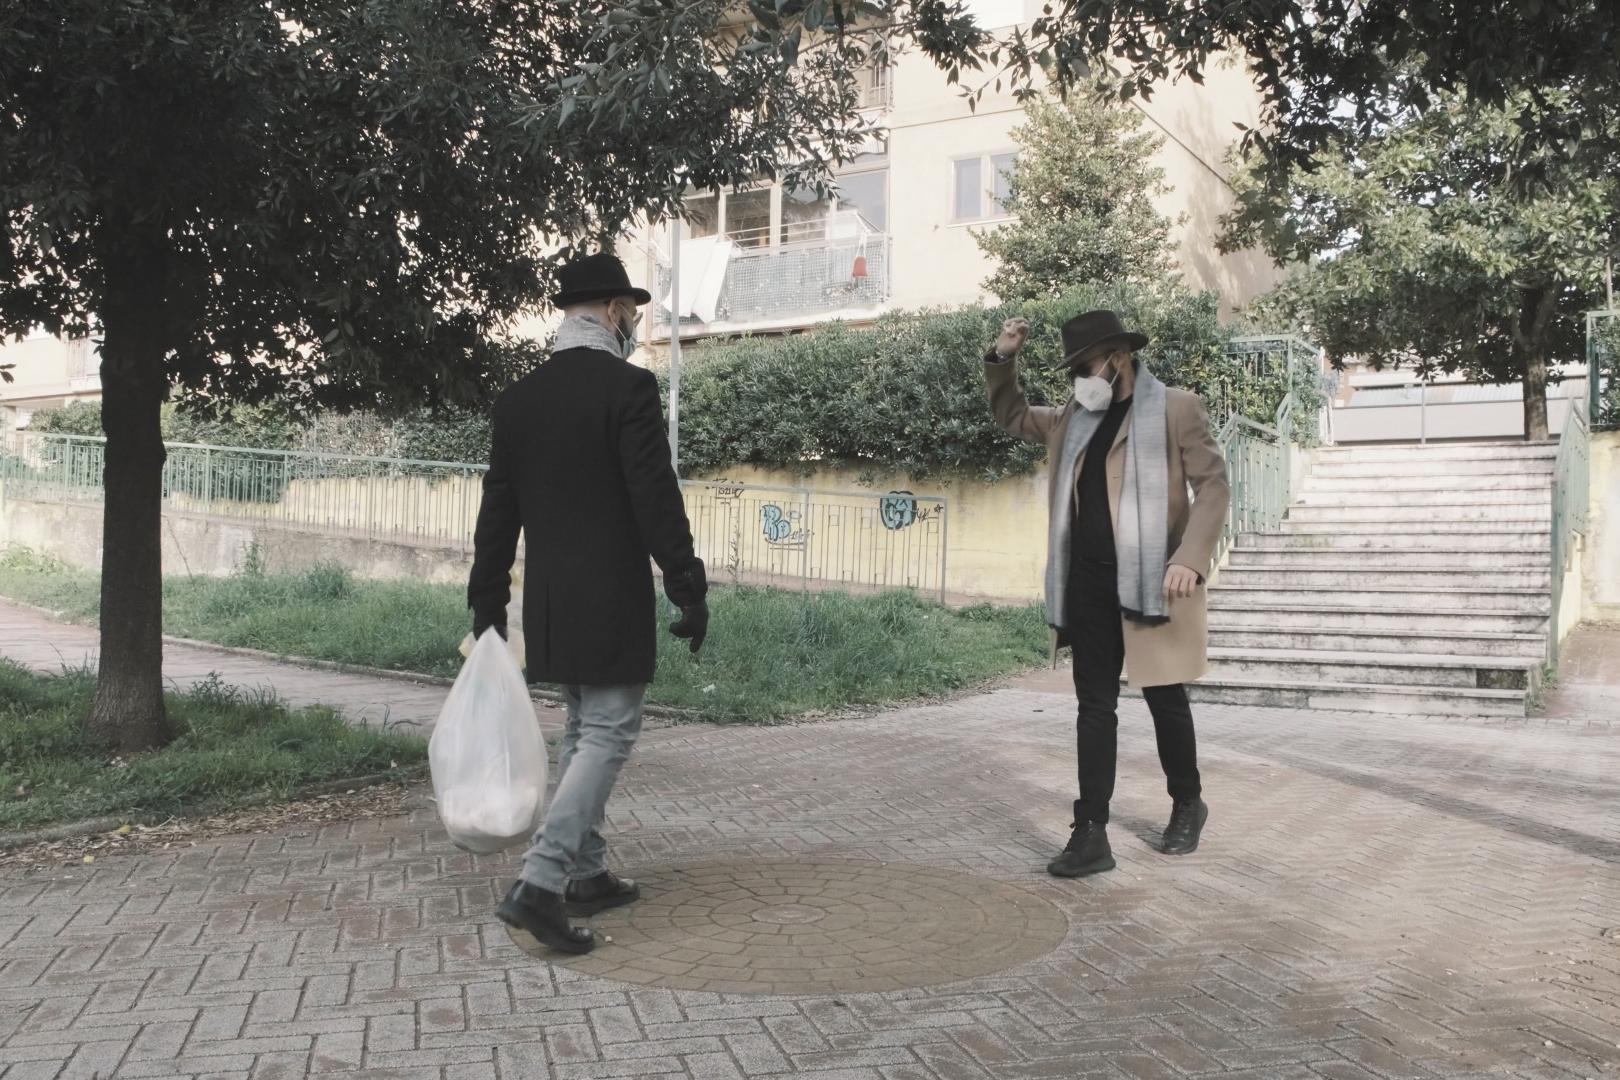 due uomini si incontrano